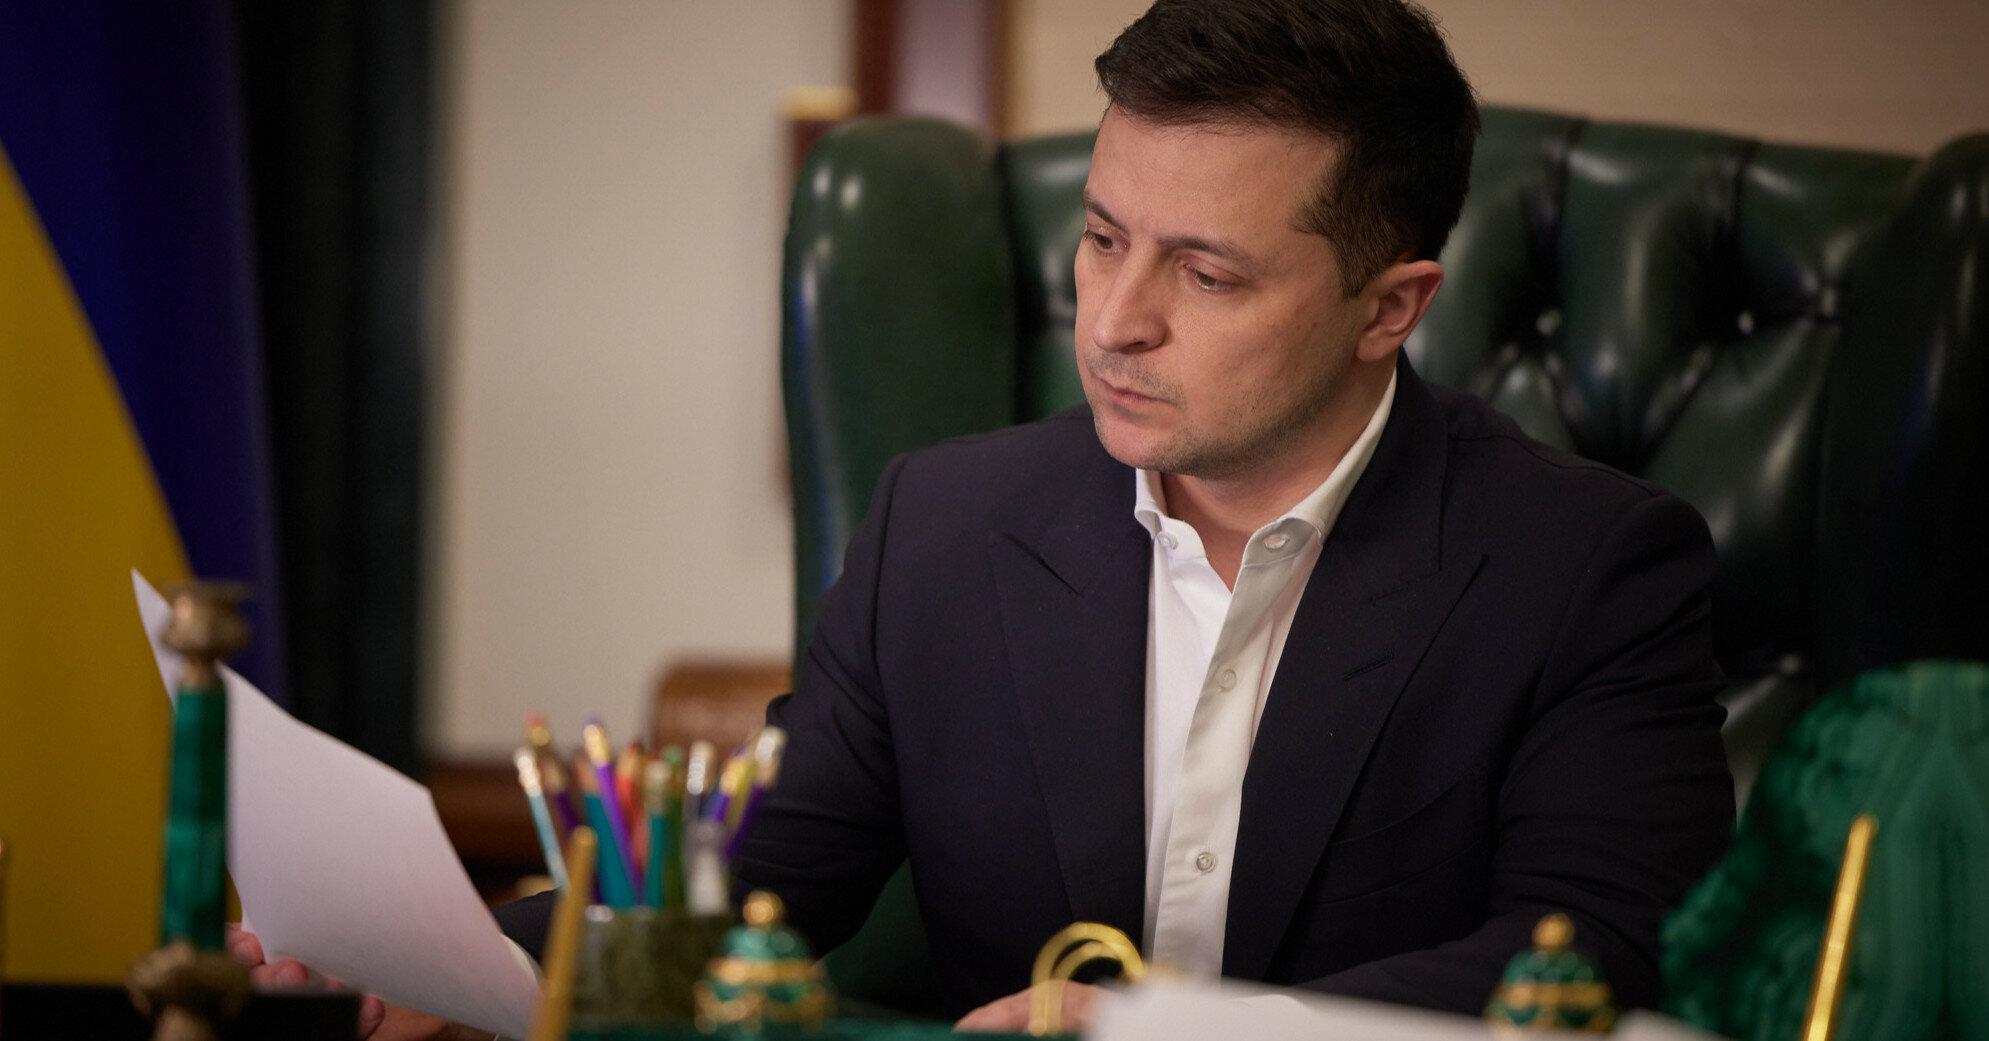 Зеленский сменил главу Ивано-Франковской ОГА